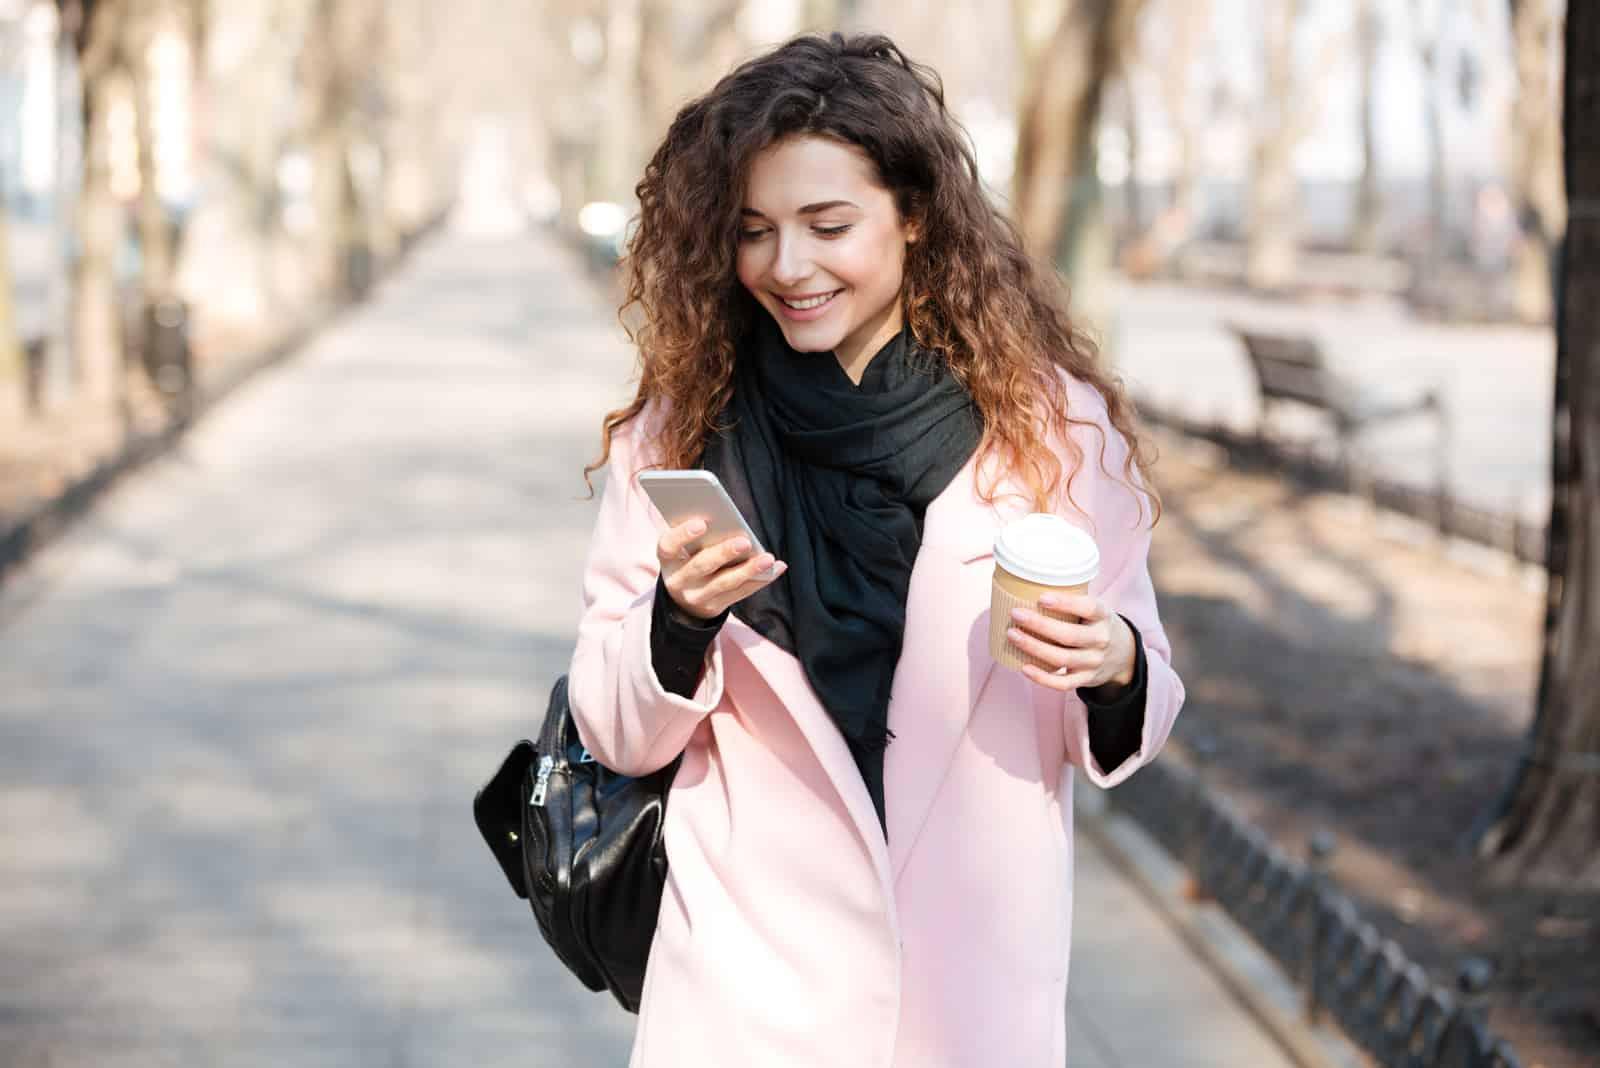 une femme souriante marche dans la rue tenant une tasse de café à la main et un téléphone